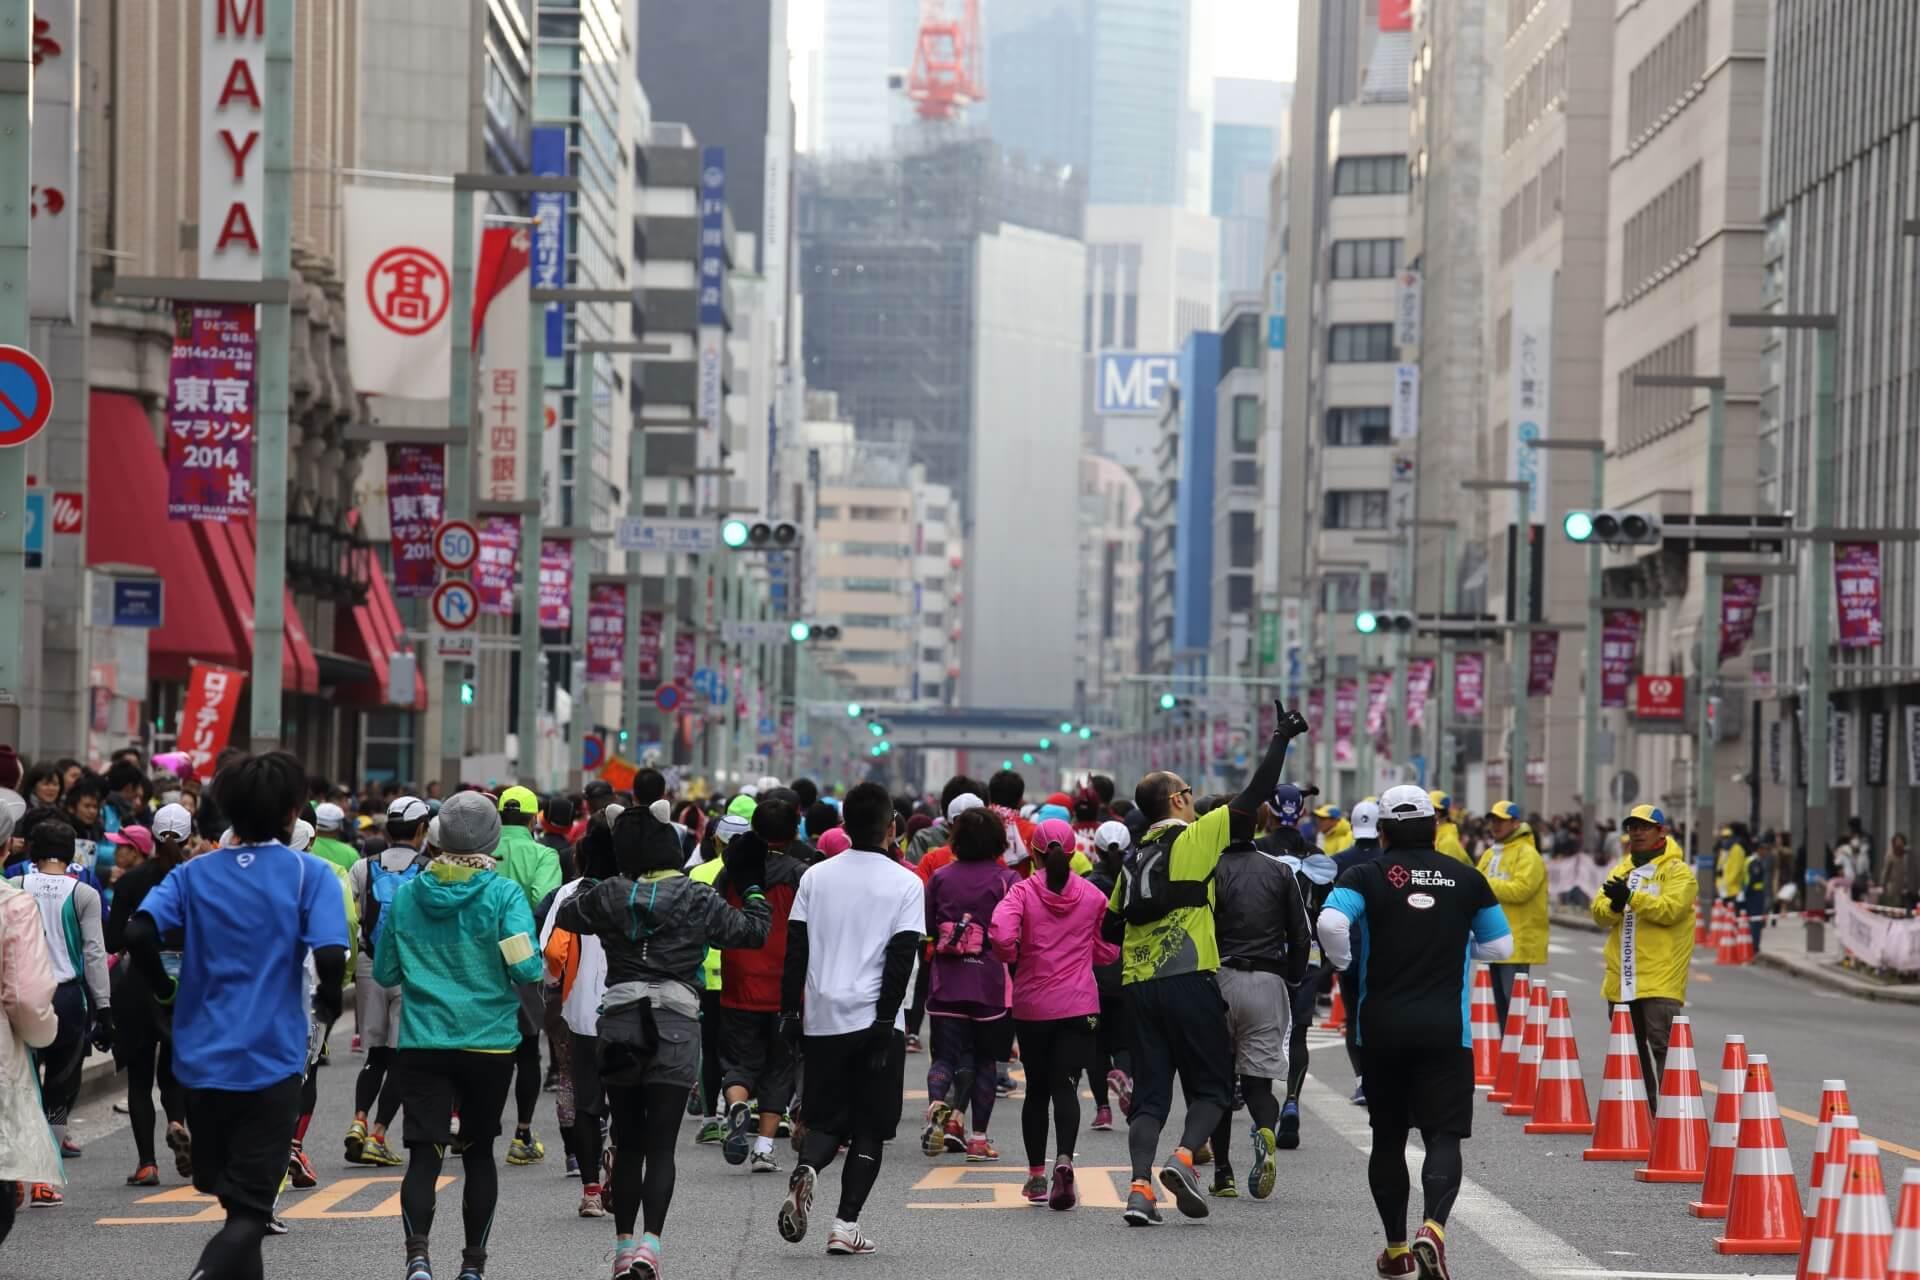 体に芯が通る感覚で走る|フルマラソン自己ベスト達成かつダメージ減の事例